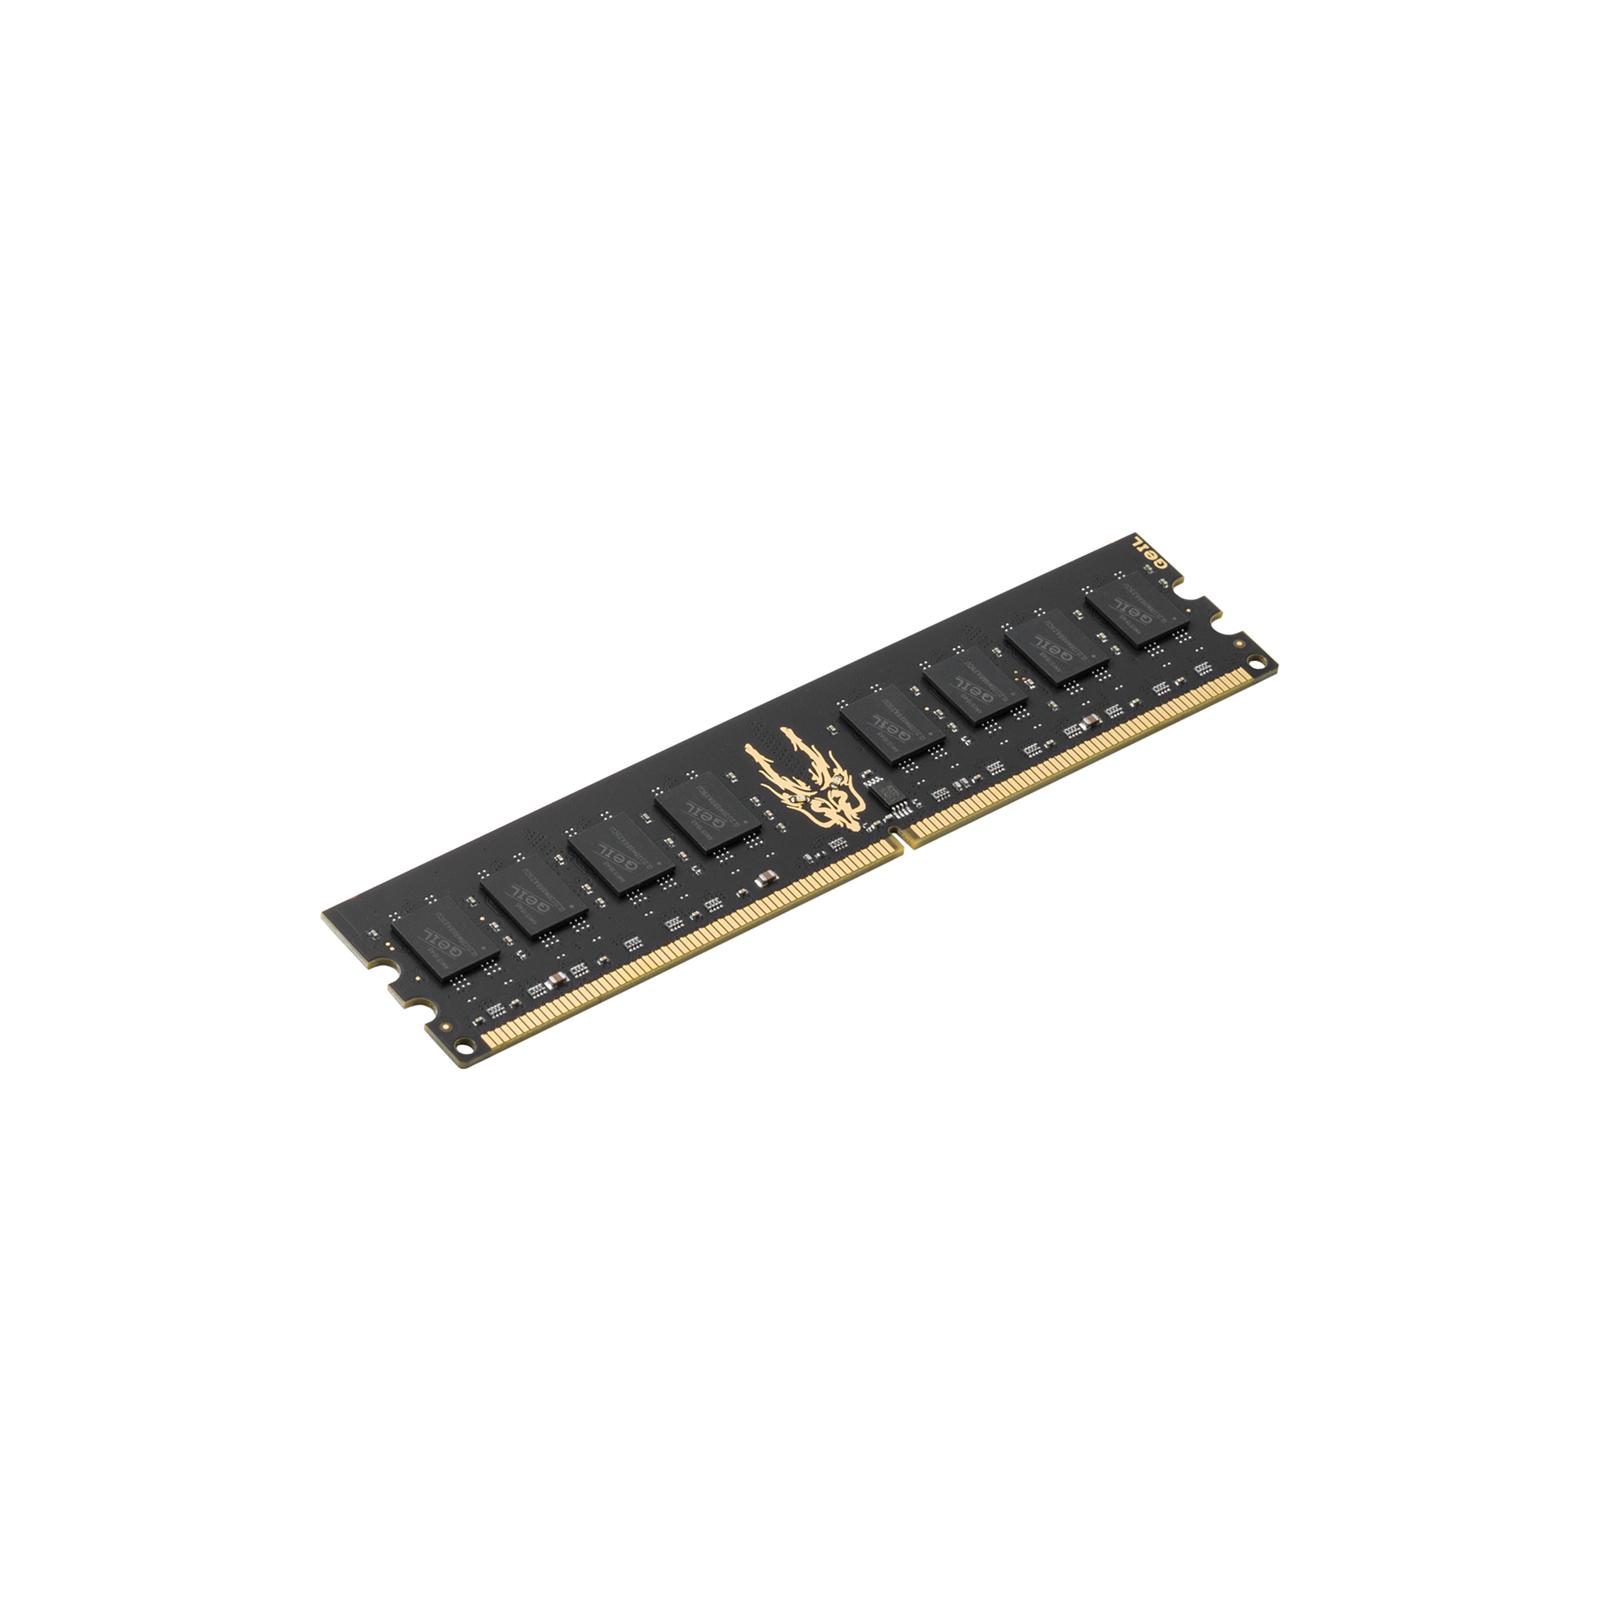 Модуль памяти для компьютера DDR2 4GB (2х2GB) 800 MHz GEIL (GB24GB6400C5DC) изображение 2